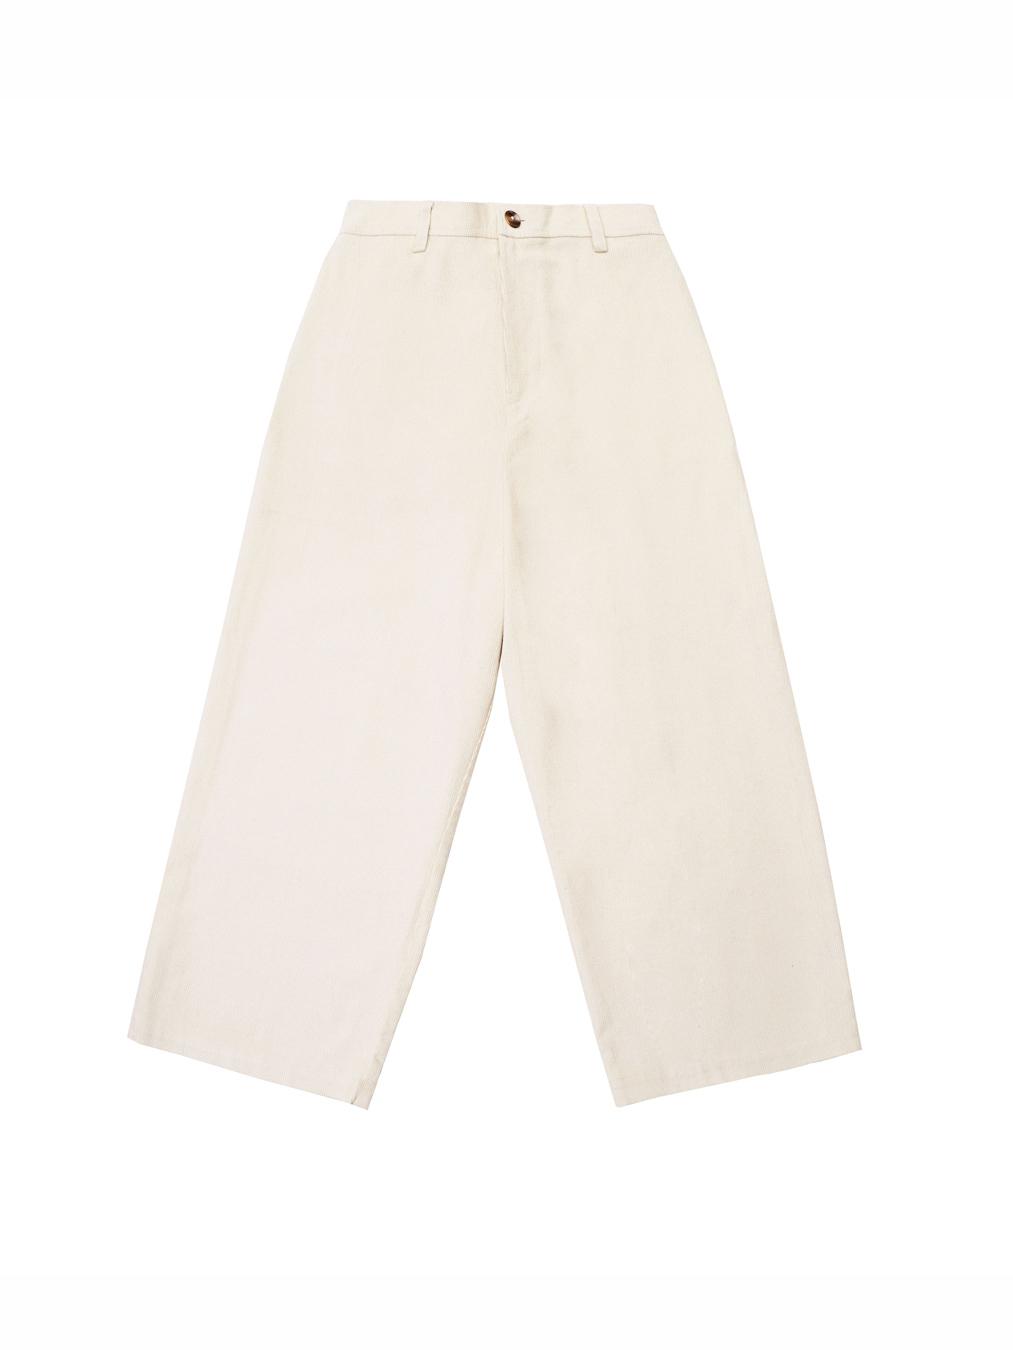 BAGGYBOI Corduroy Pants (Oatmeal)